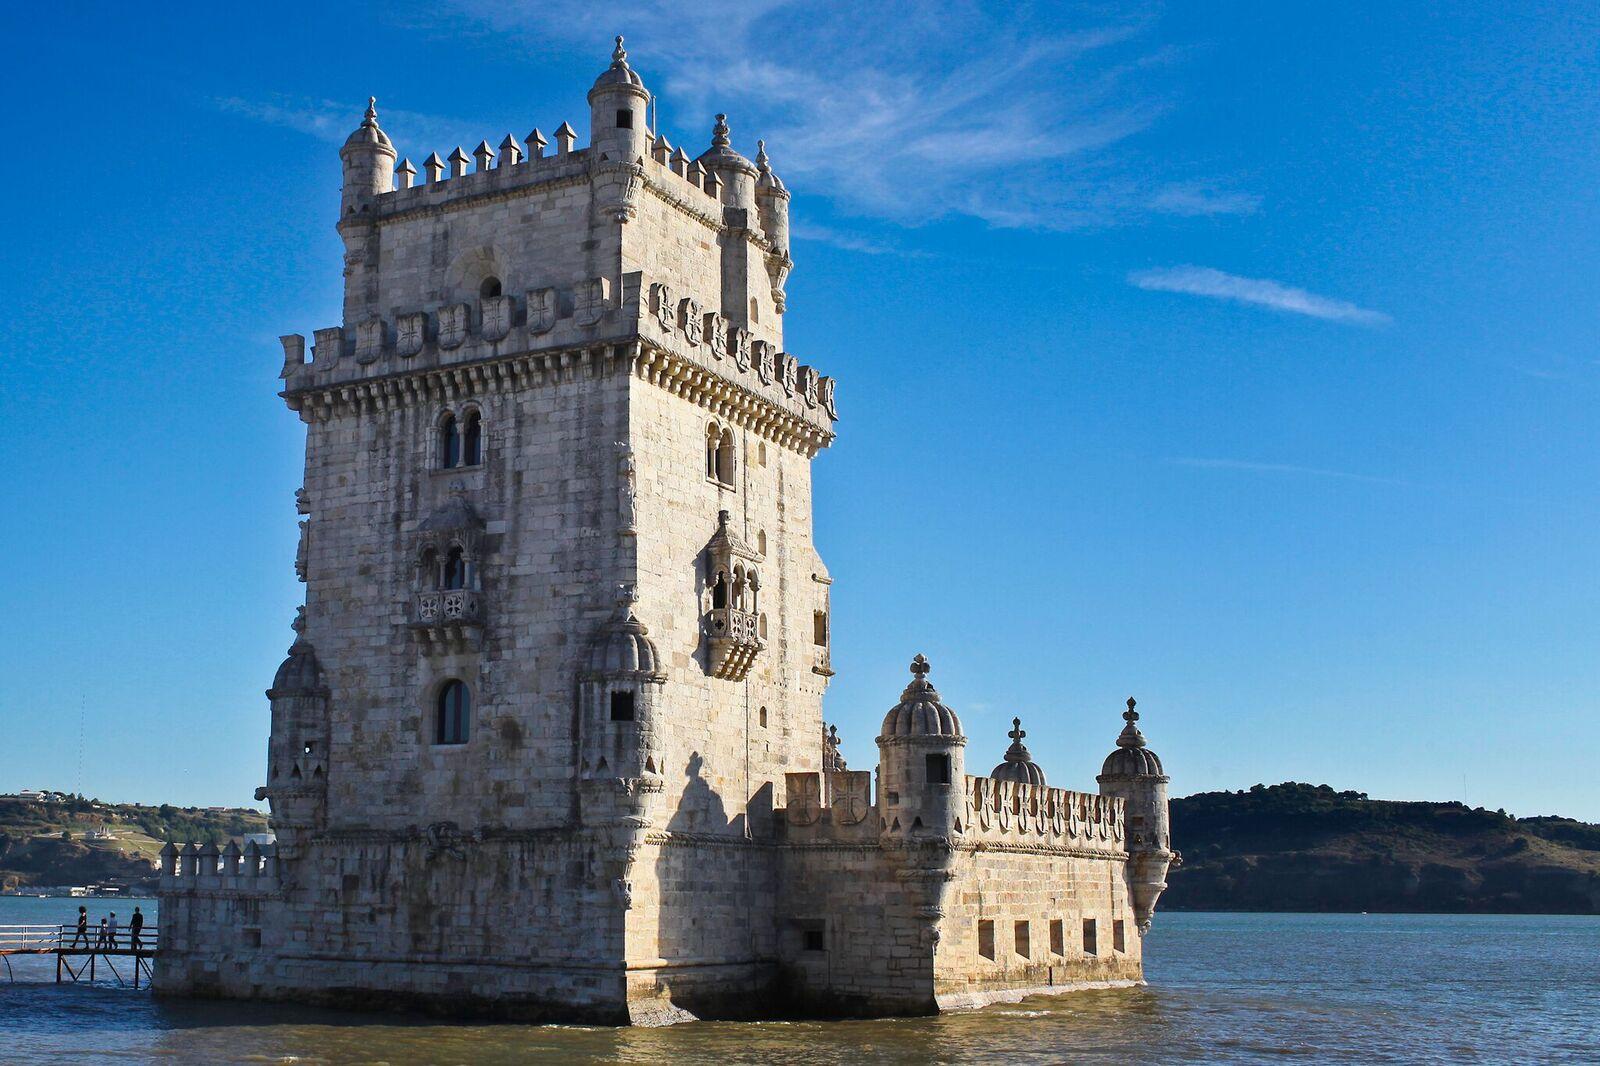 Lisbonne - Porte d'entrée de la ville, la tour de Belém protégeait l'embouchure du Tage et le monastère des Hiéronymites